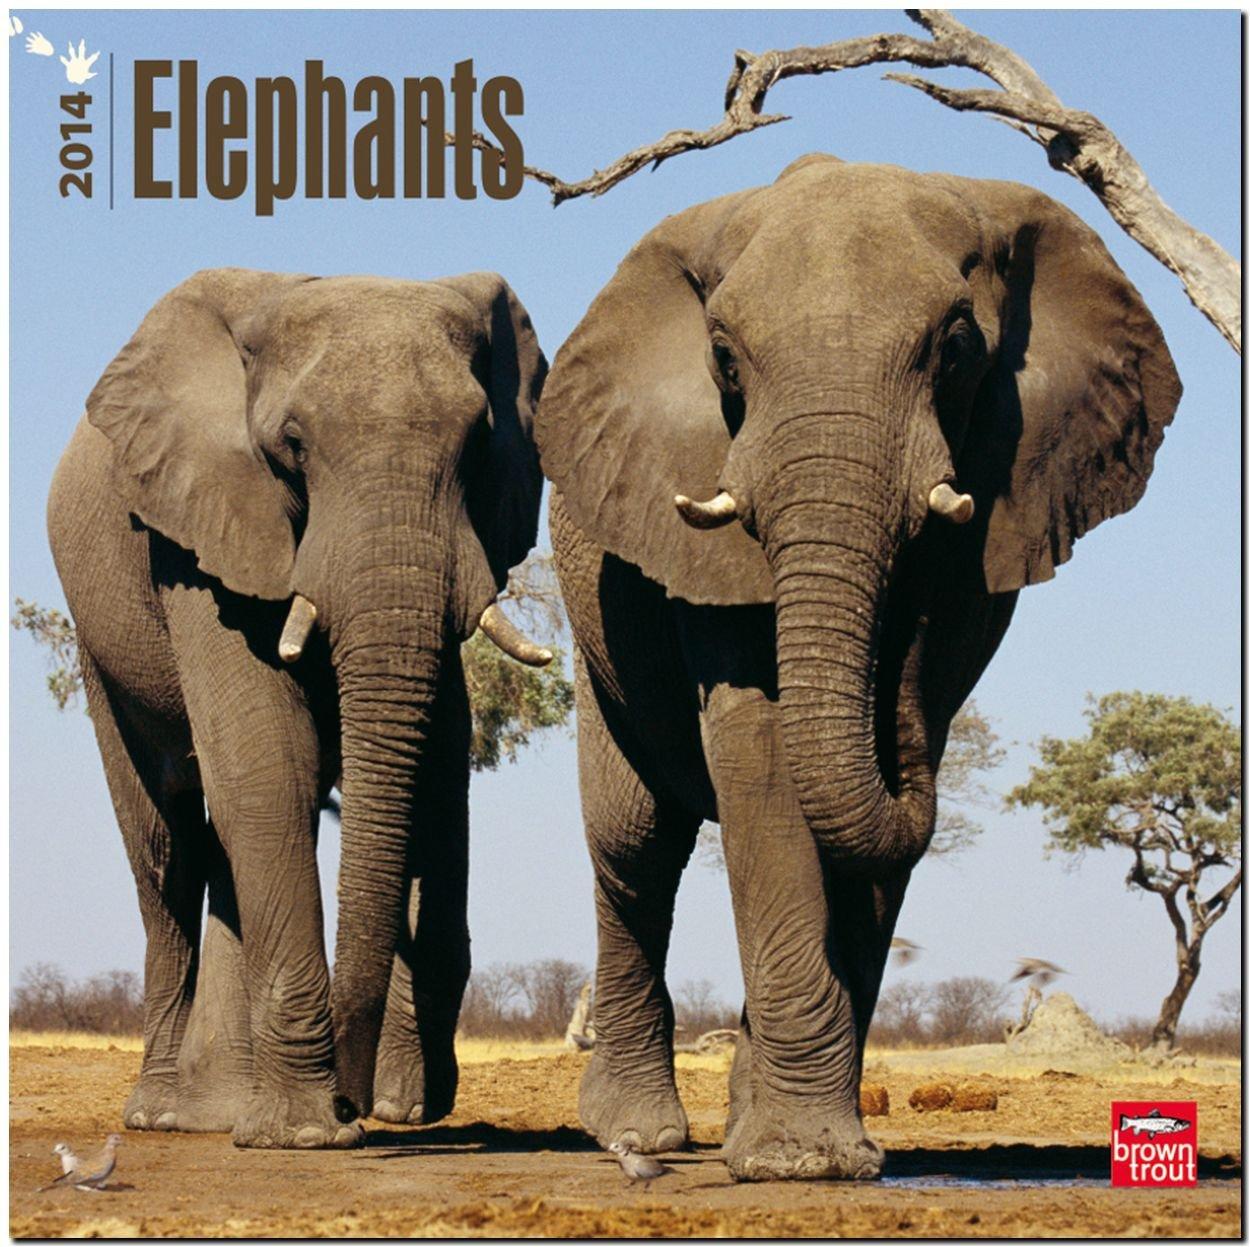 Elephants 2014 - Elefanten: Original BrownTrout-Kalender [Mehrsprachig] [Kalender]